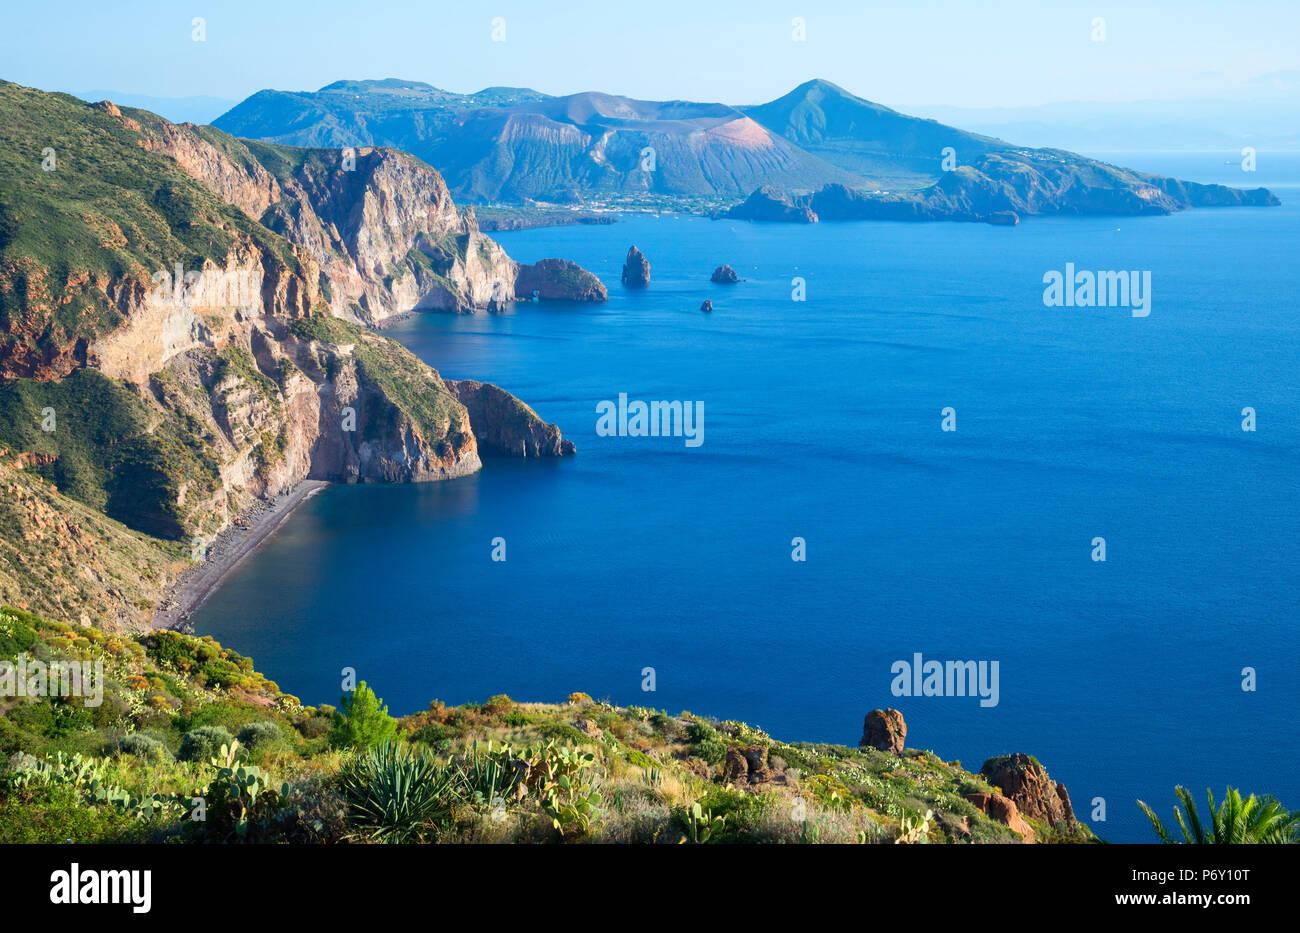 Vista dal Belvedere di Quattrocchi, Lipari, Isole Eolie, Sito Patrimonio Mondiale dell'UNESCO, Sicilia, Italia, Mediterraneo, Europa Immagini Stock